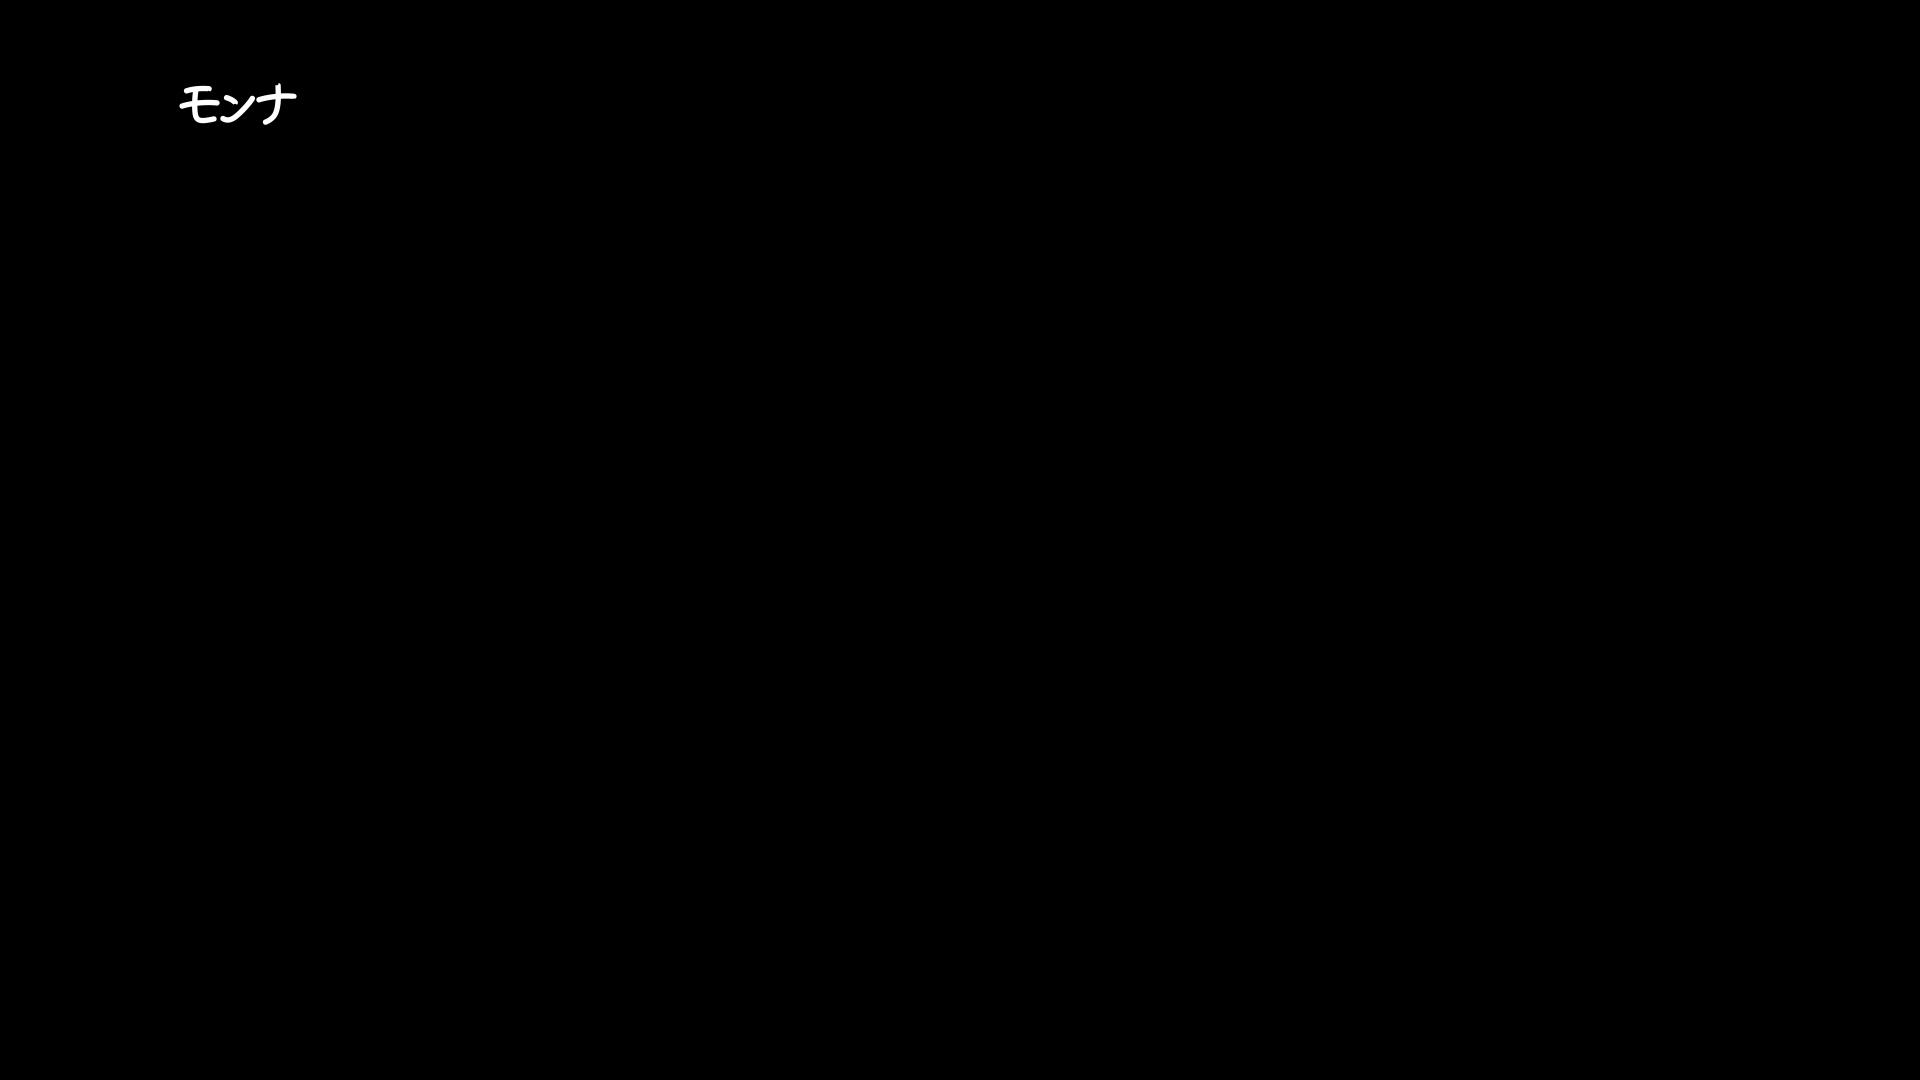 セックスアダルト動画 美しい日本の未来 No.42 初の冬バージョン!現場の苦労とモンナの執念 怪盗ジョーカー